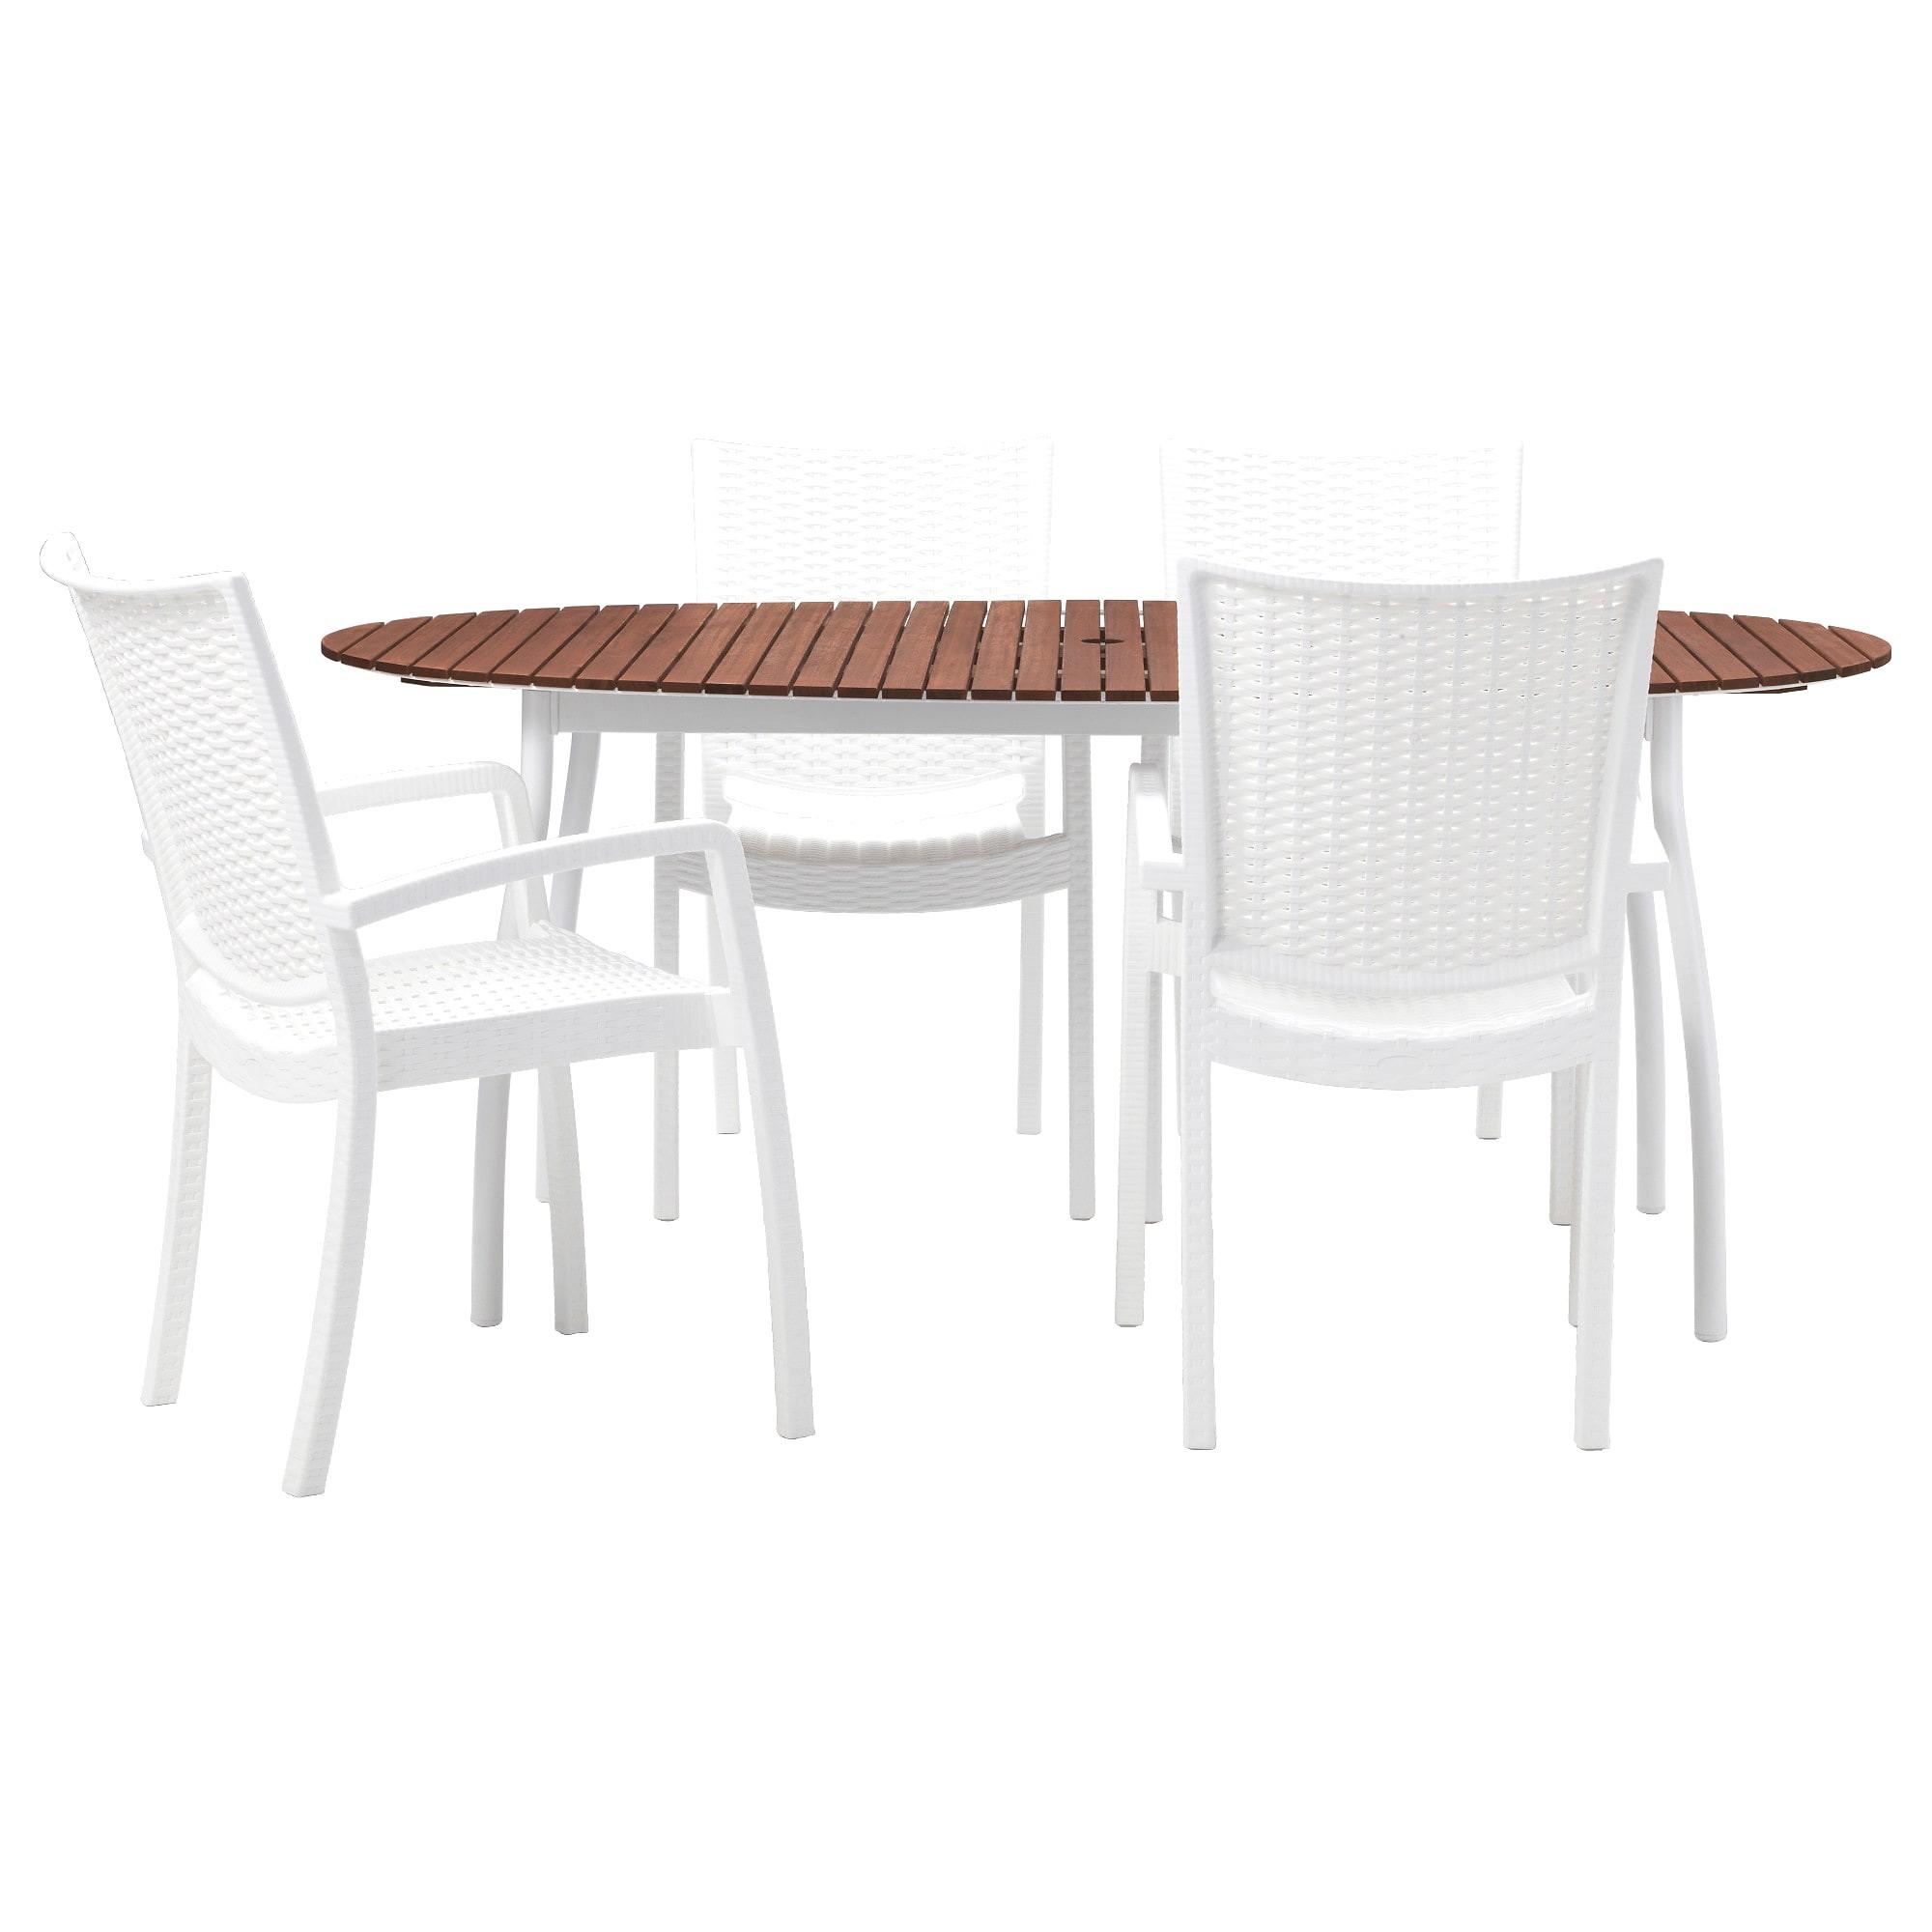 table chaise de jardin ikea avec innamo vindals c3 b6 table4 chaises accoud ext c3 a9rieur blanc teint c3 a9 brun pe s5 et table bistrot ikea 1 2000x2000px table bistrot ikea